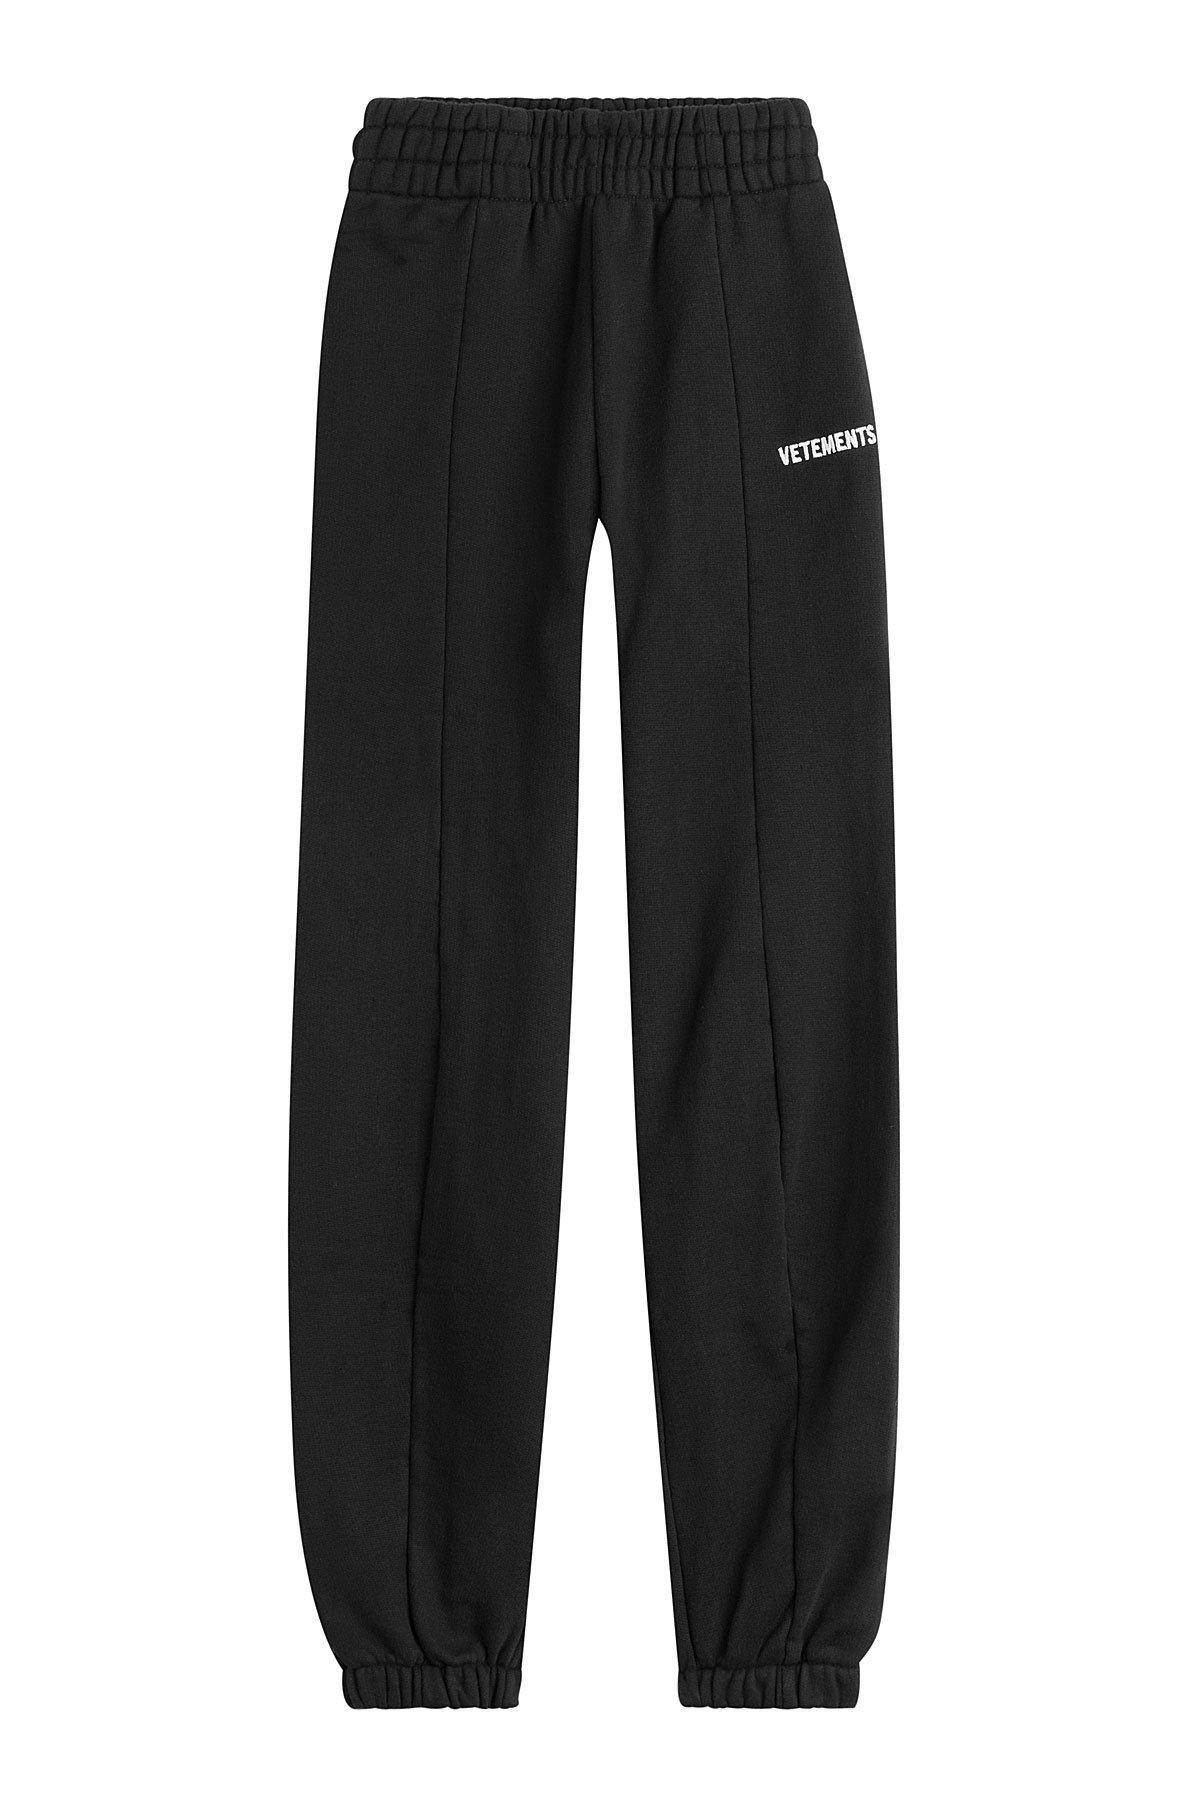 Cotton Sweatpants - Vetements | WOMEN | US STYLEBOP.COM